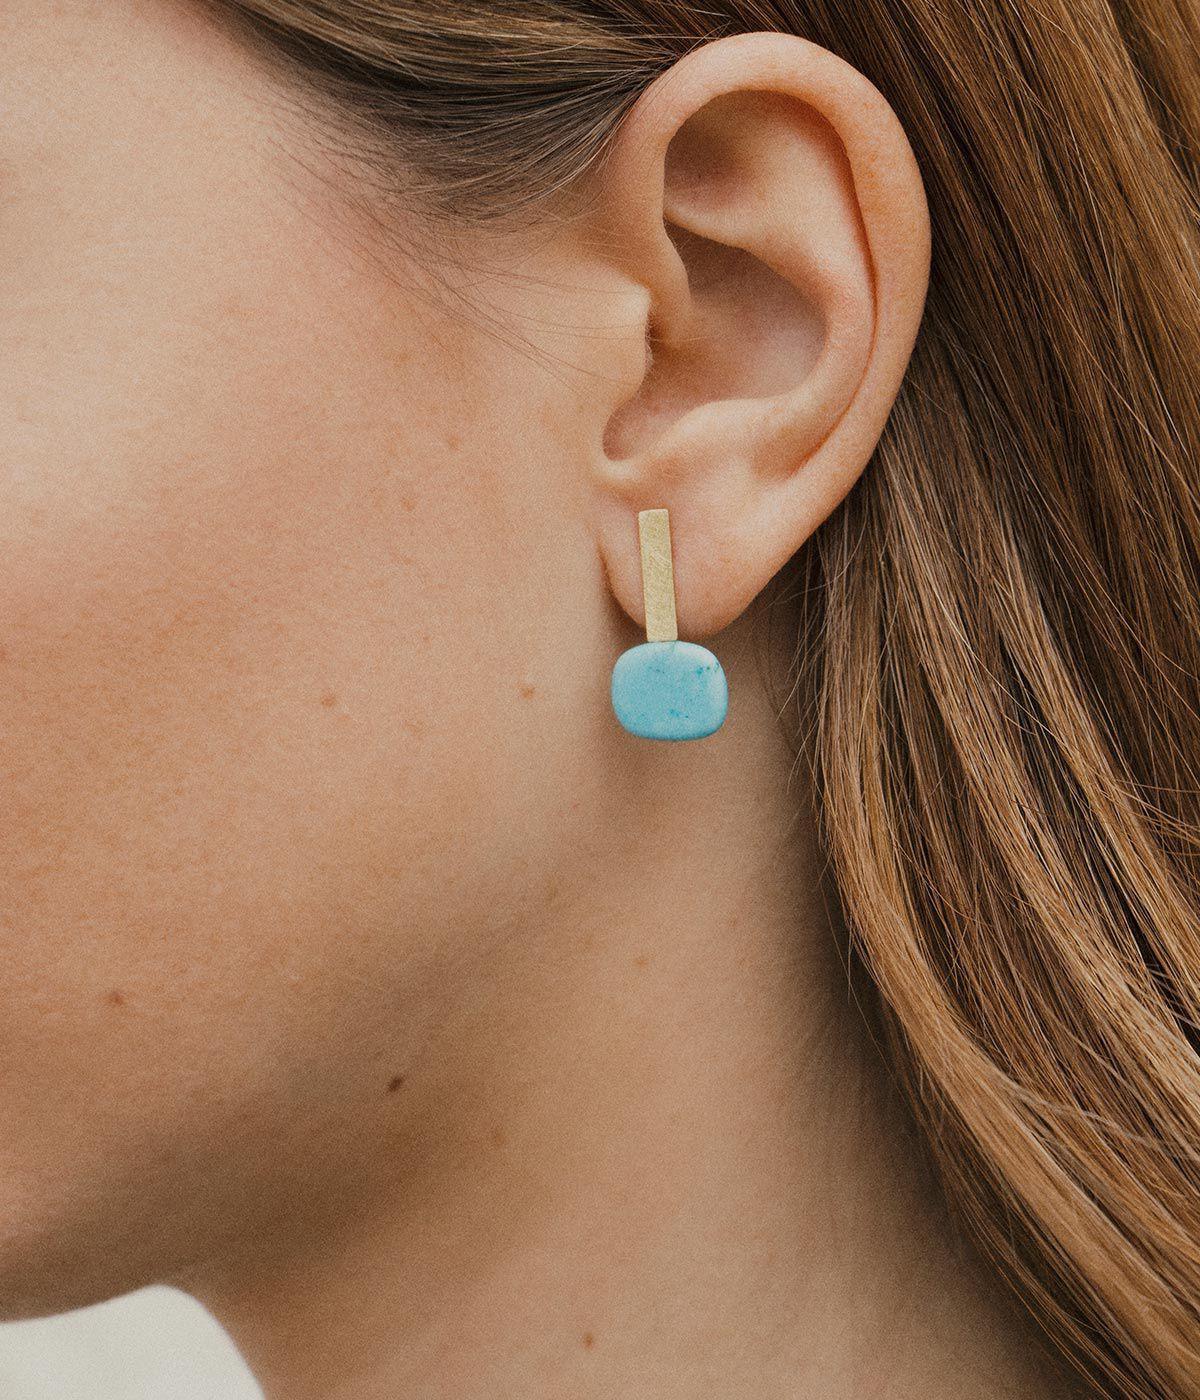 Simple Freedom earrings